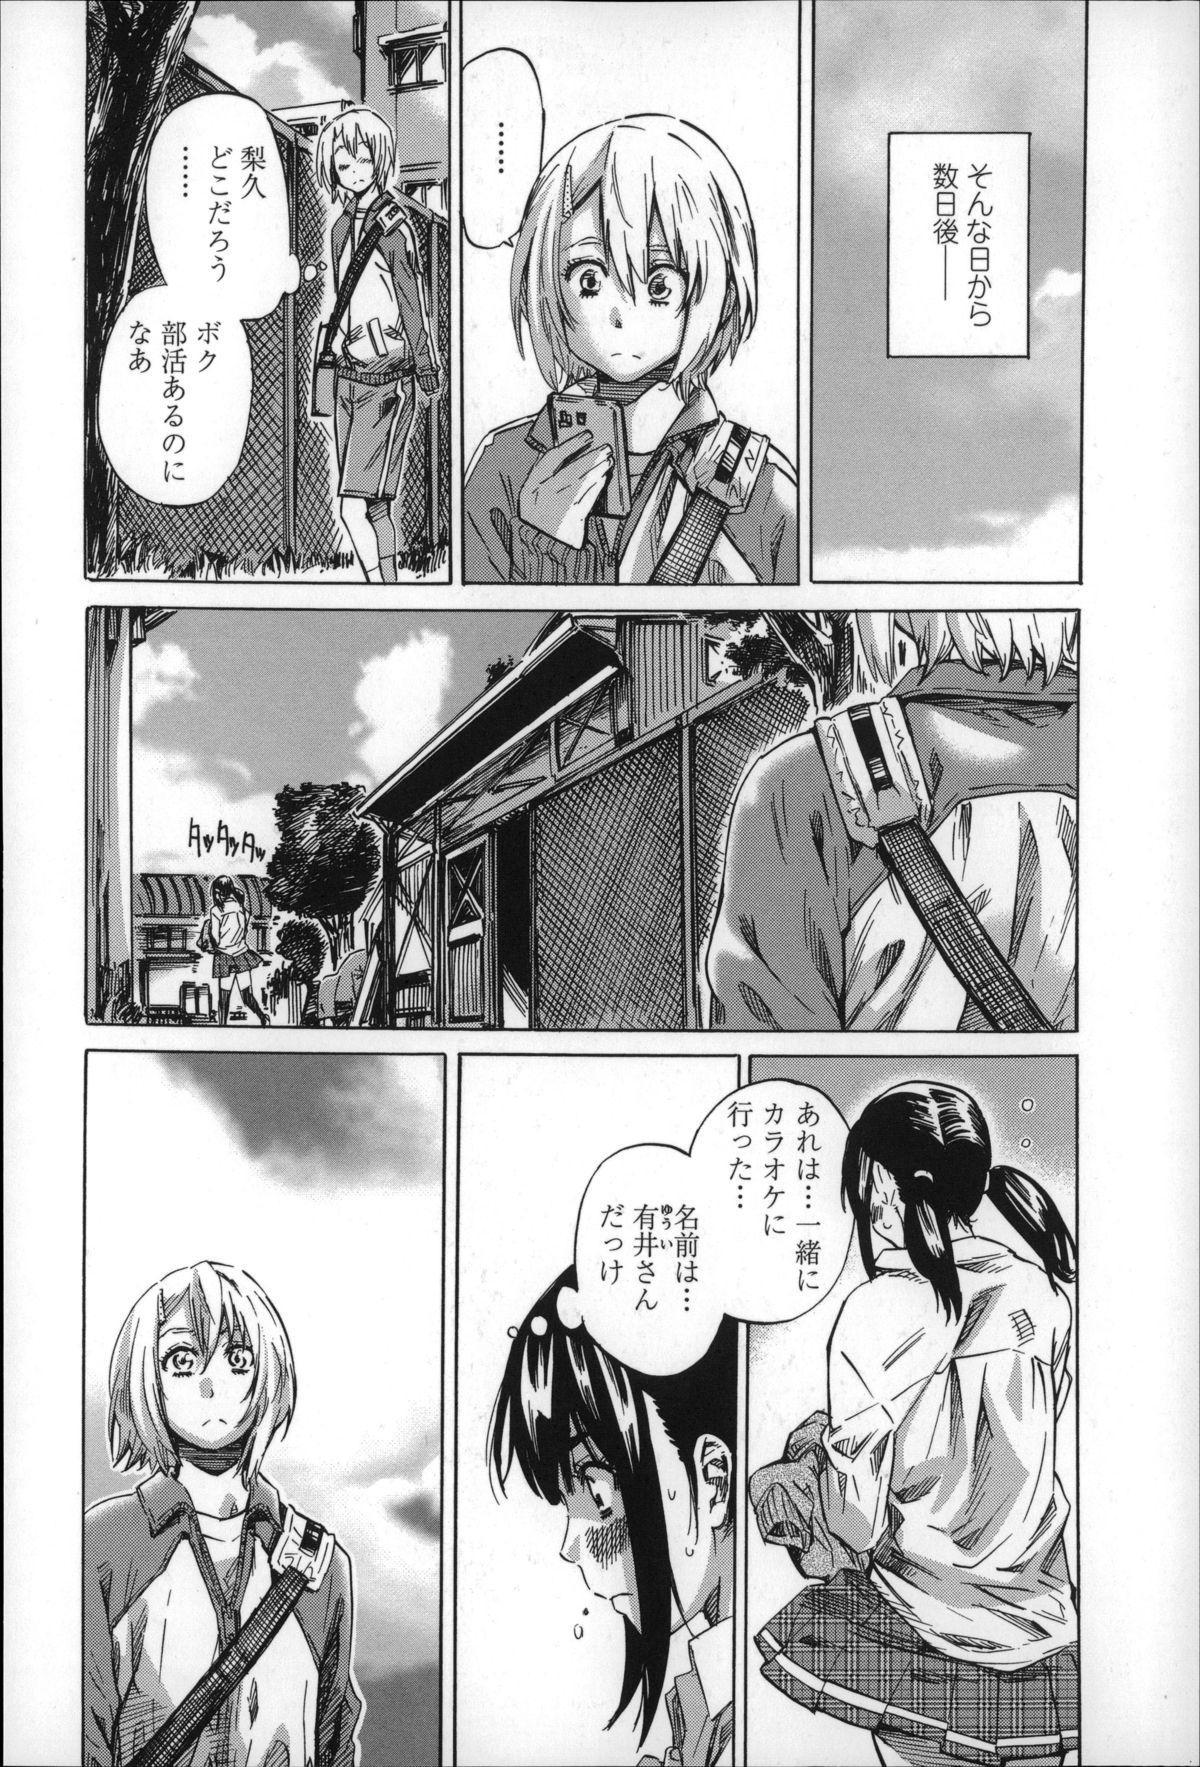 Choushin de Mukuchi no Kanojo ga Hatsujou Shite Kitara Eroiyo ne? 53